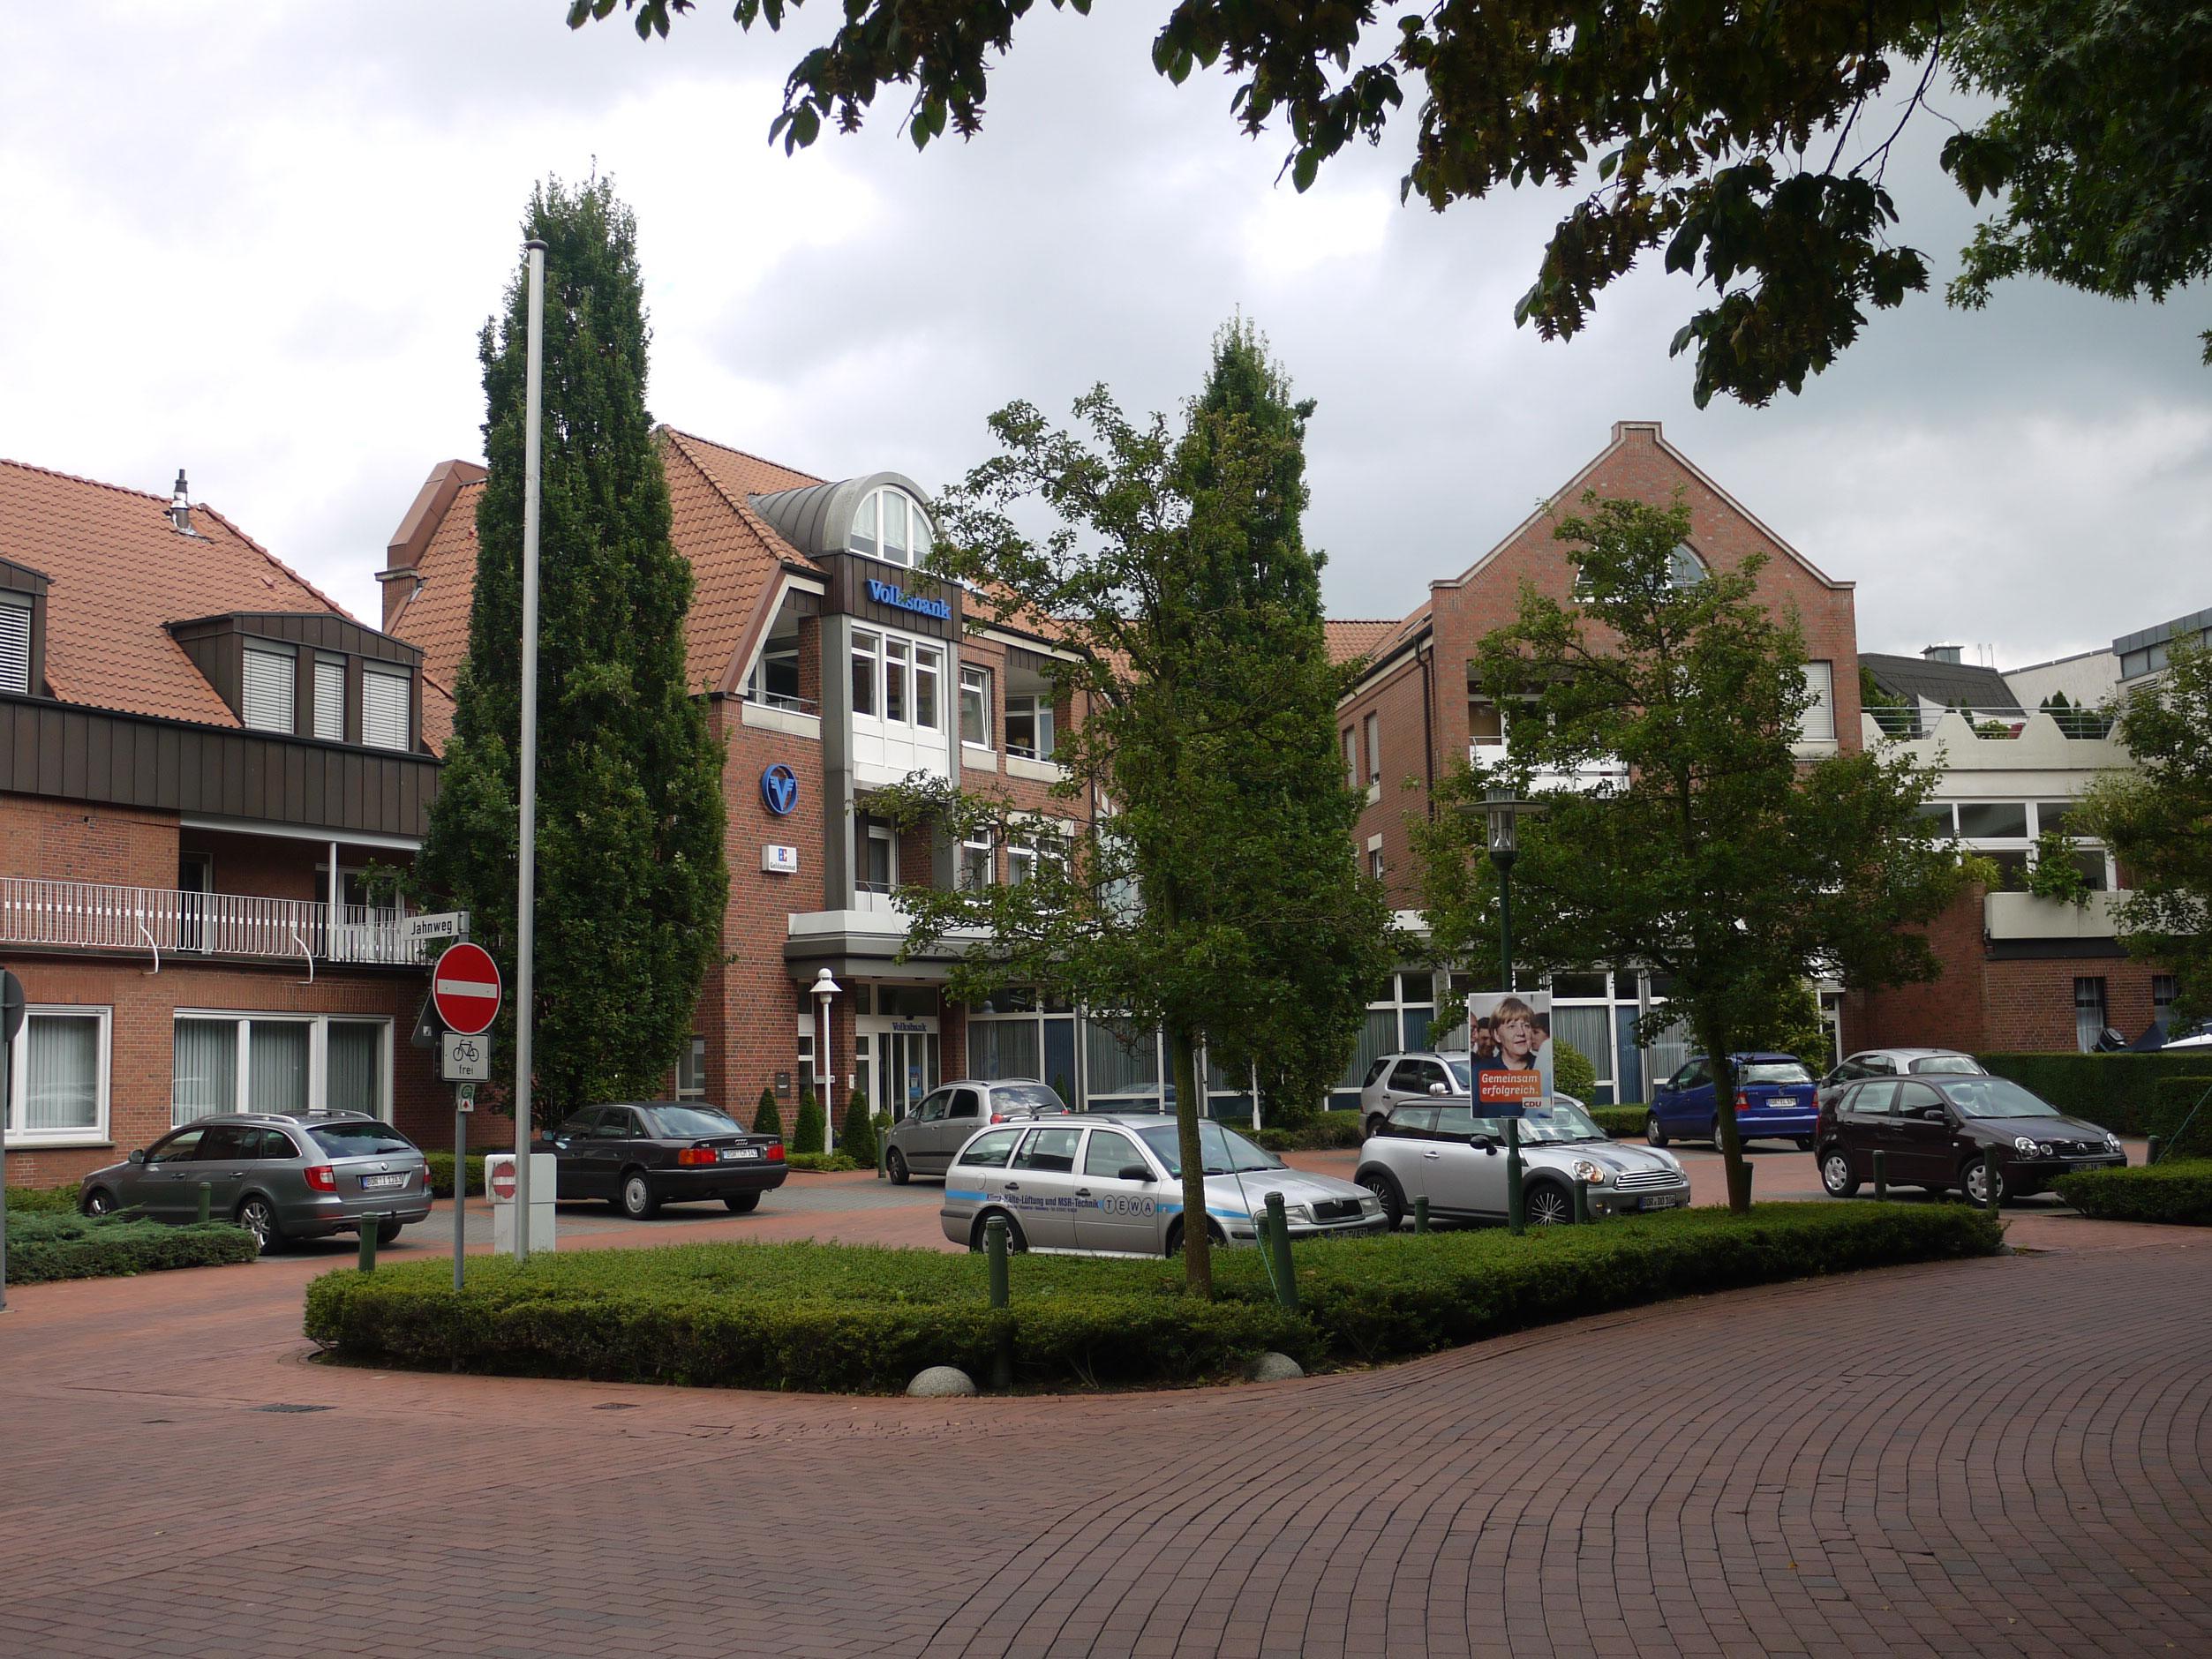 Unsere Anprechpartner der Filiale Gronau-Epe - Merschstraße